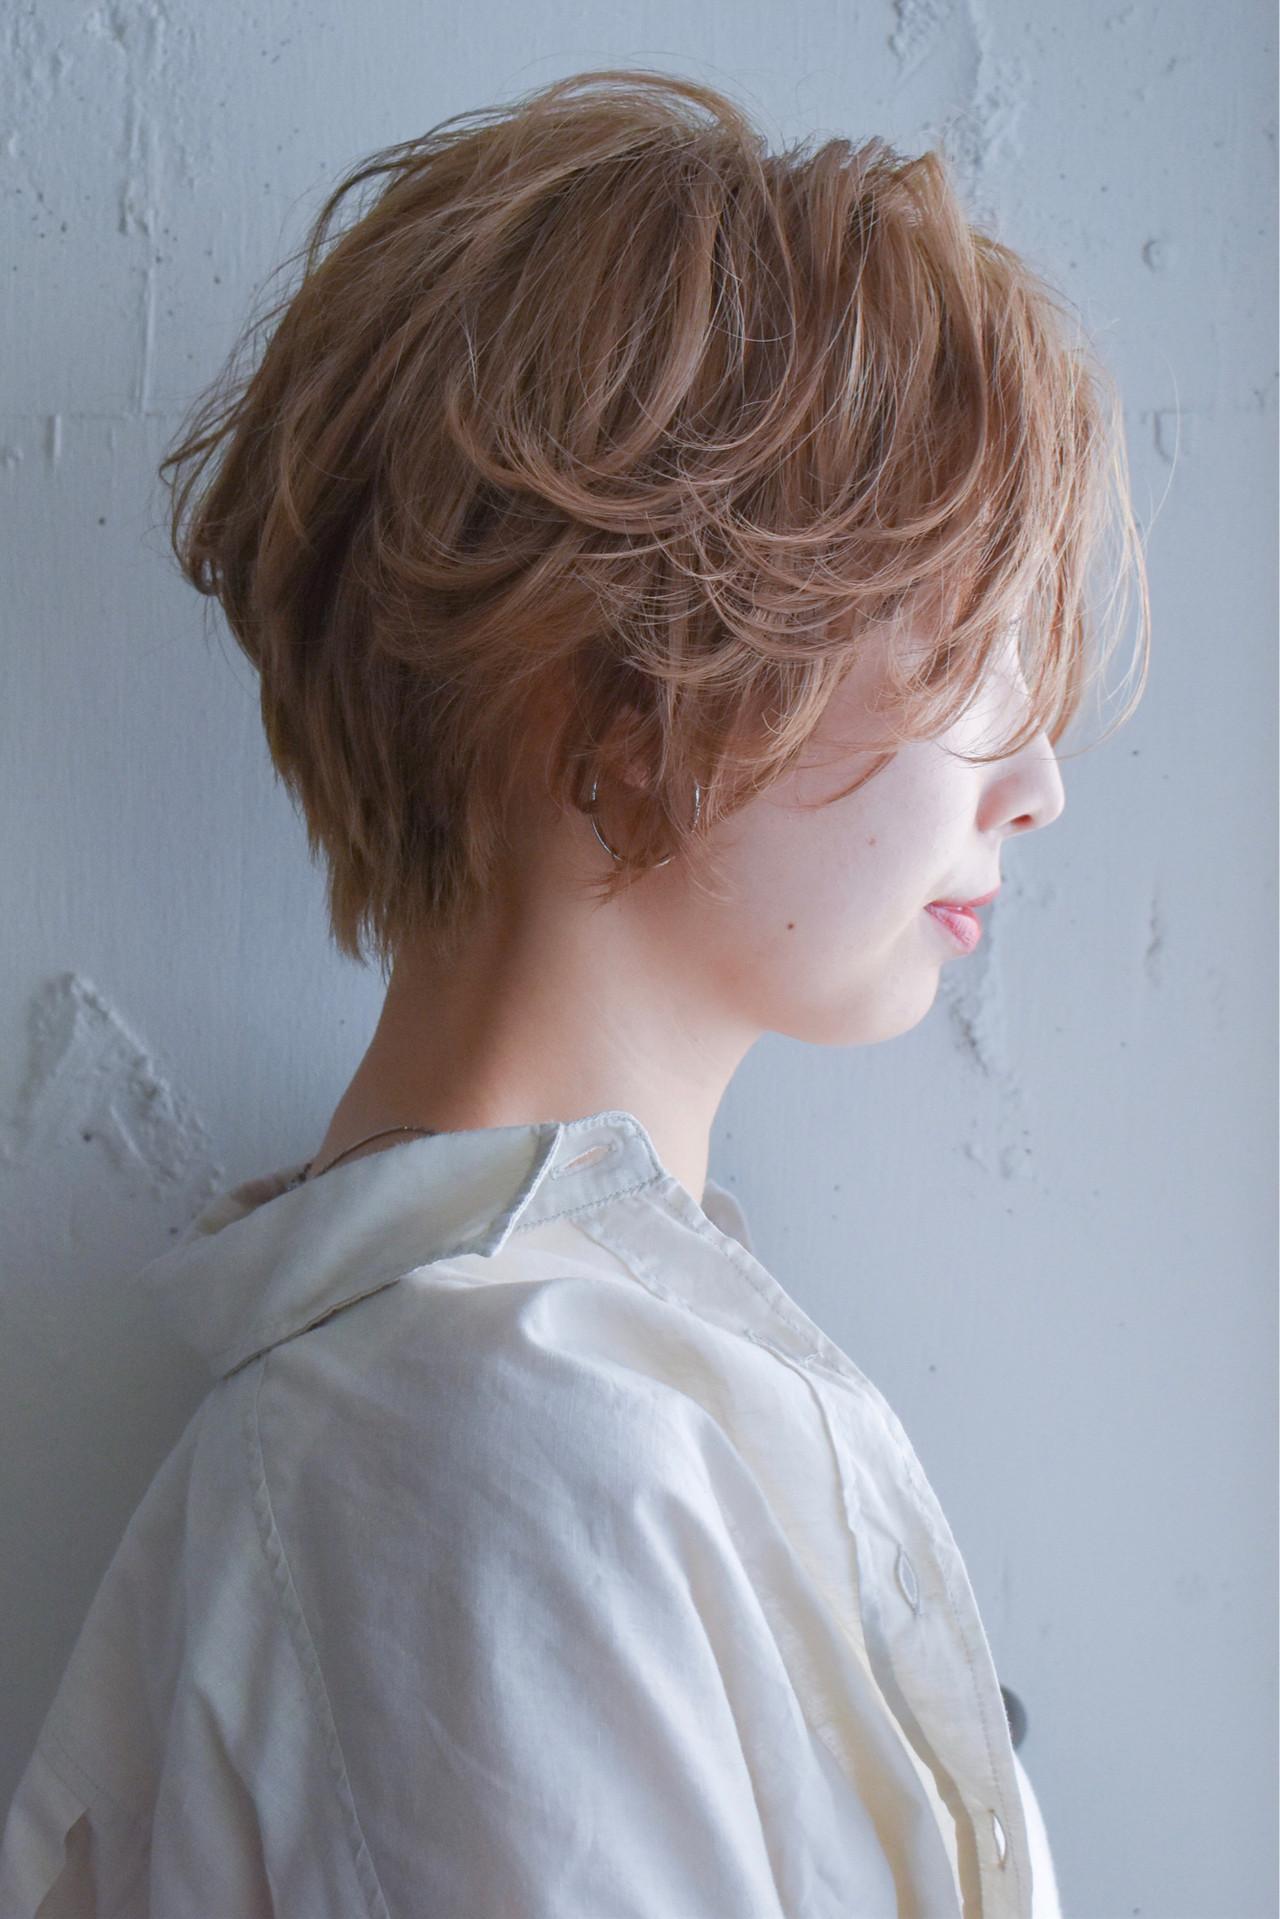 ひし形シルエット ナチュラル パーマ ショート ヘアスタイルや髪型の写真・画像 | 金子颯汰/ kyli表参道 / kyli表参道